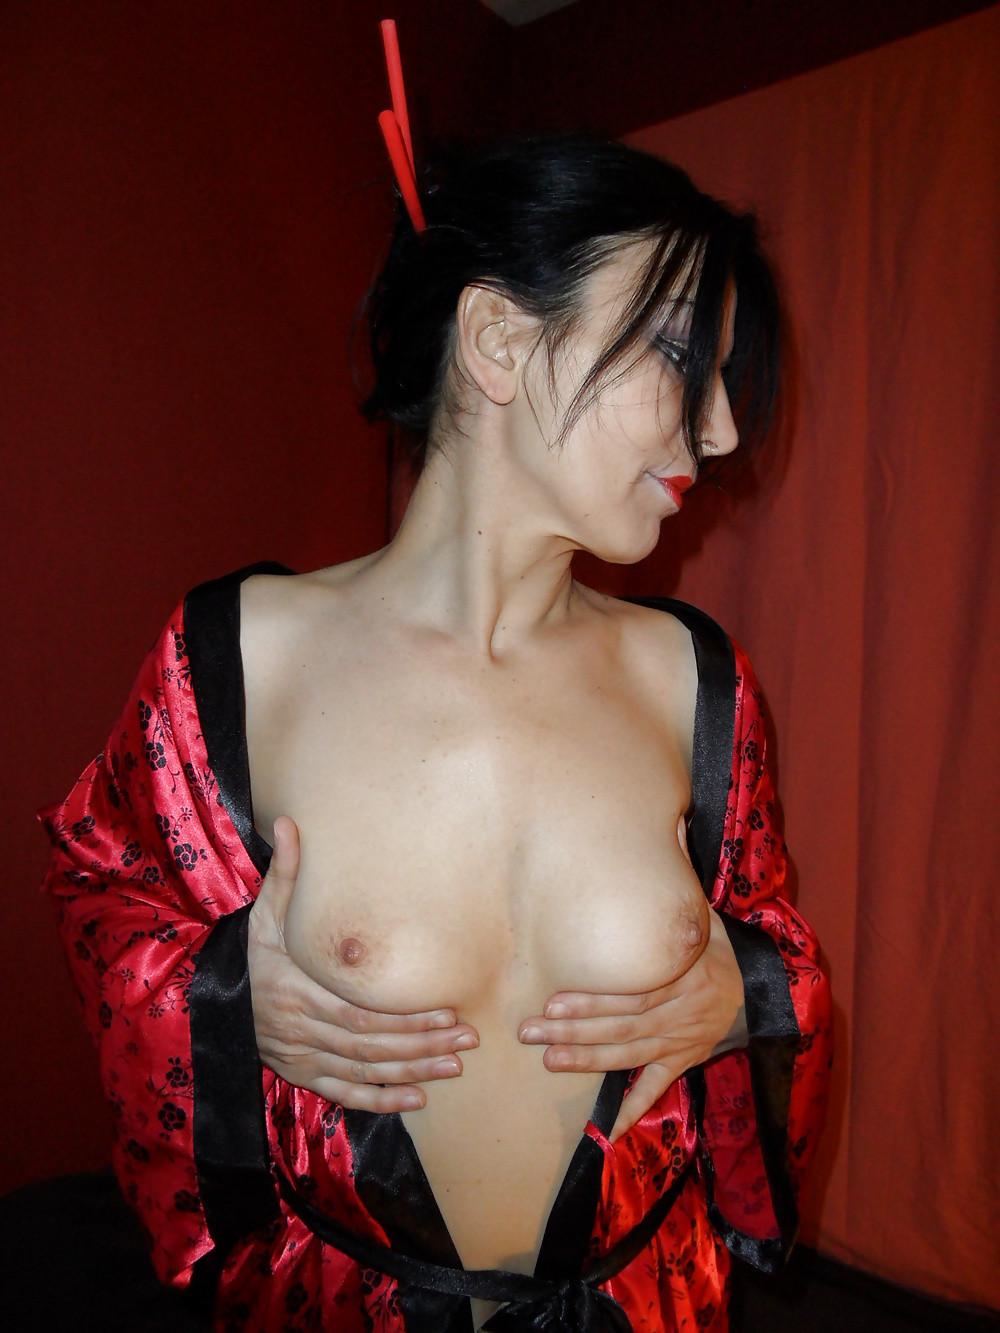 Зрелая метиска снимает кимоно